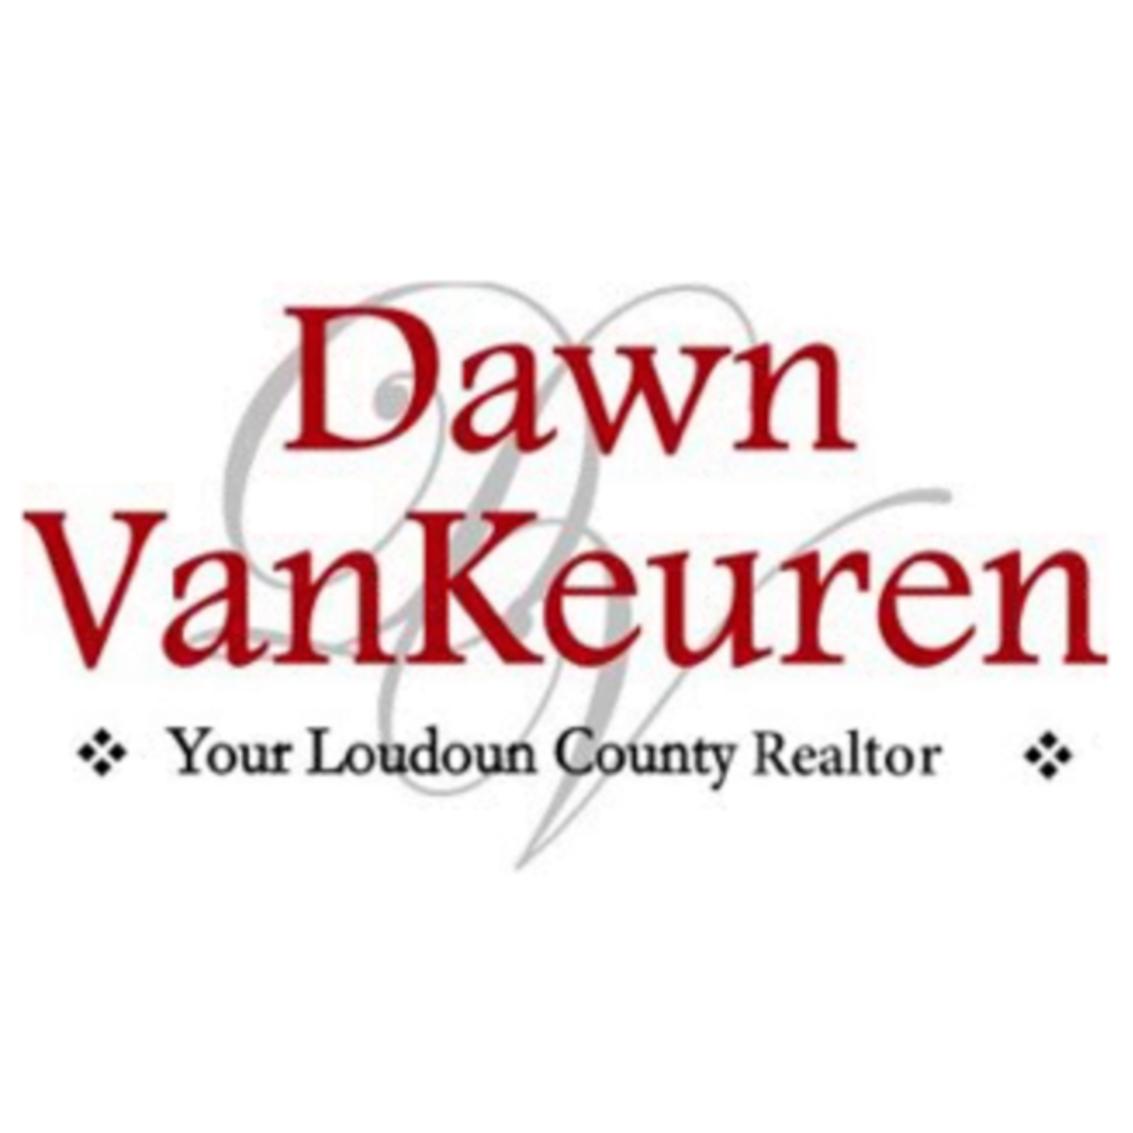 Dawn Vankeuren | Long & Foster Companies